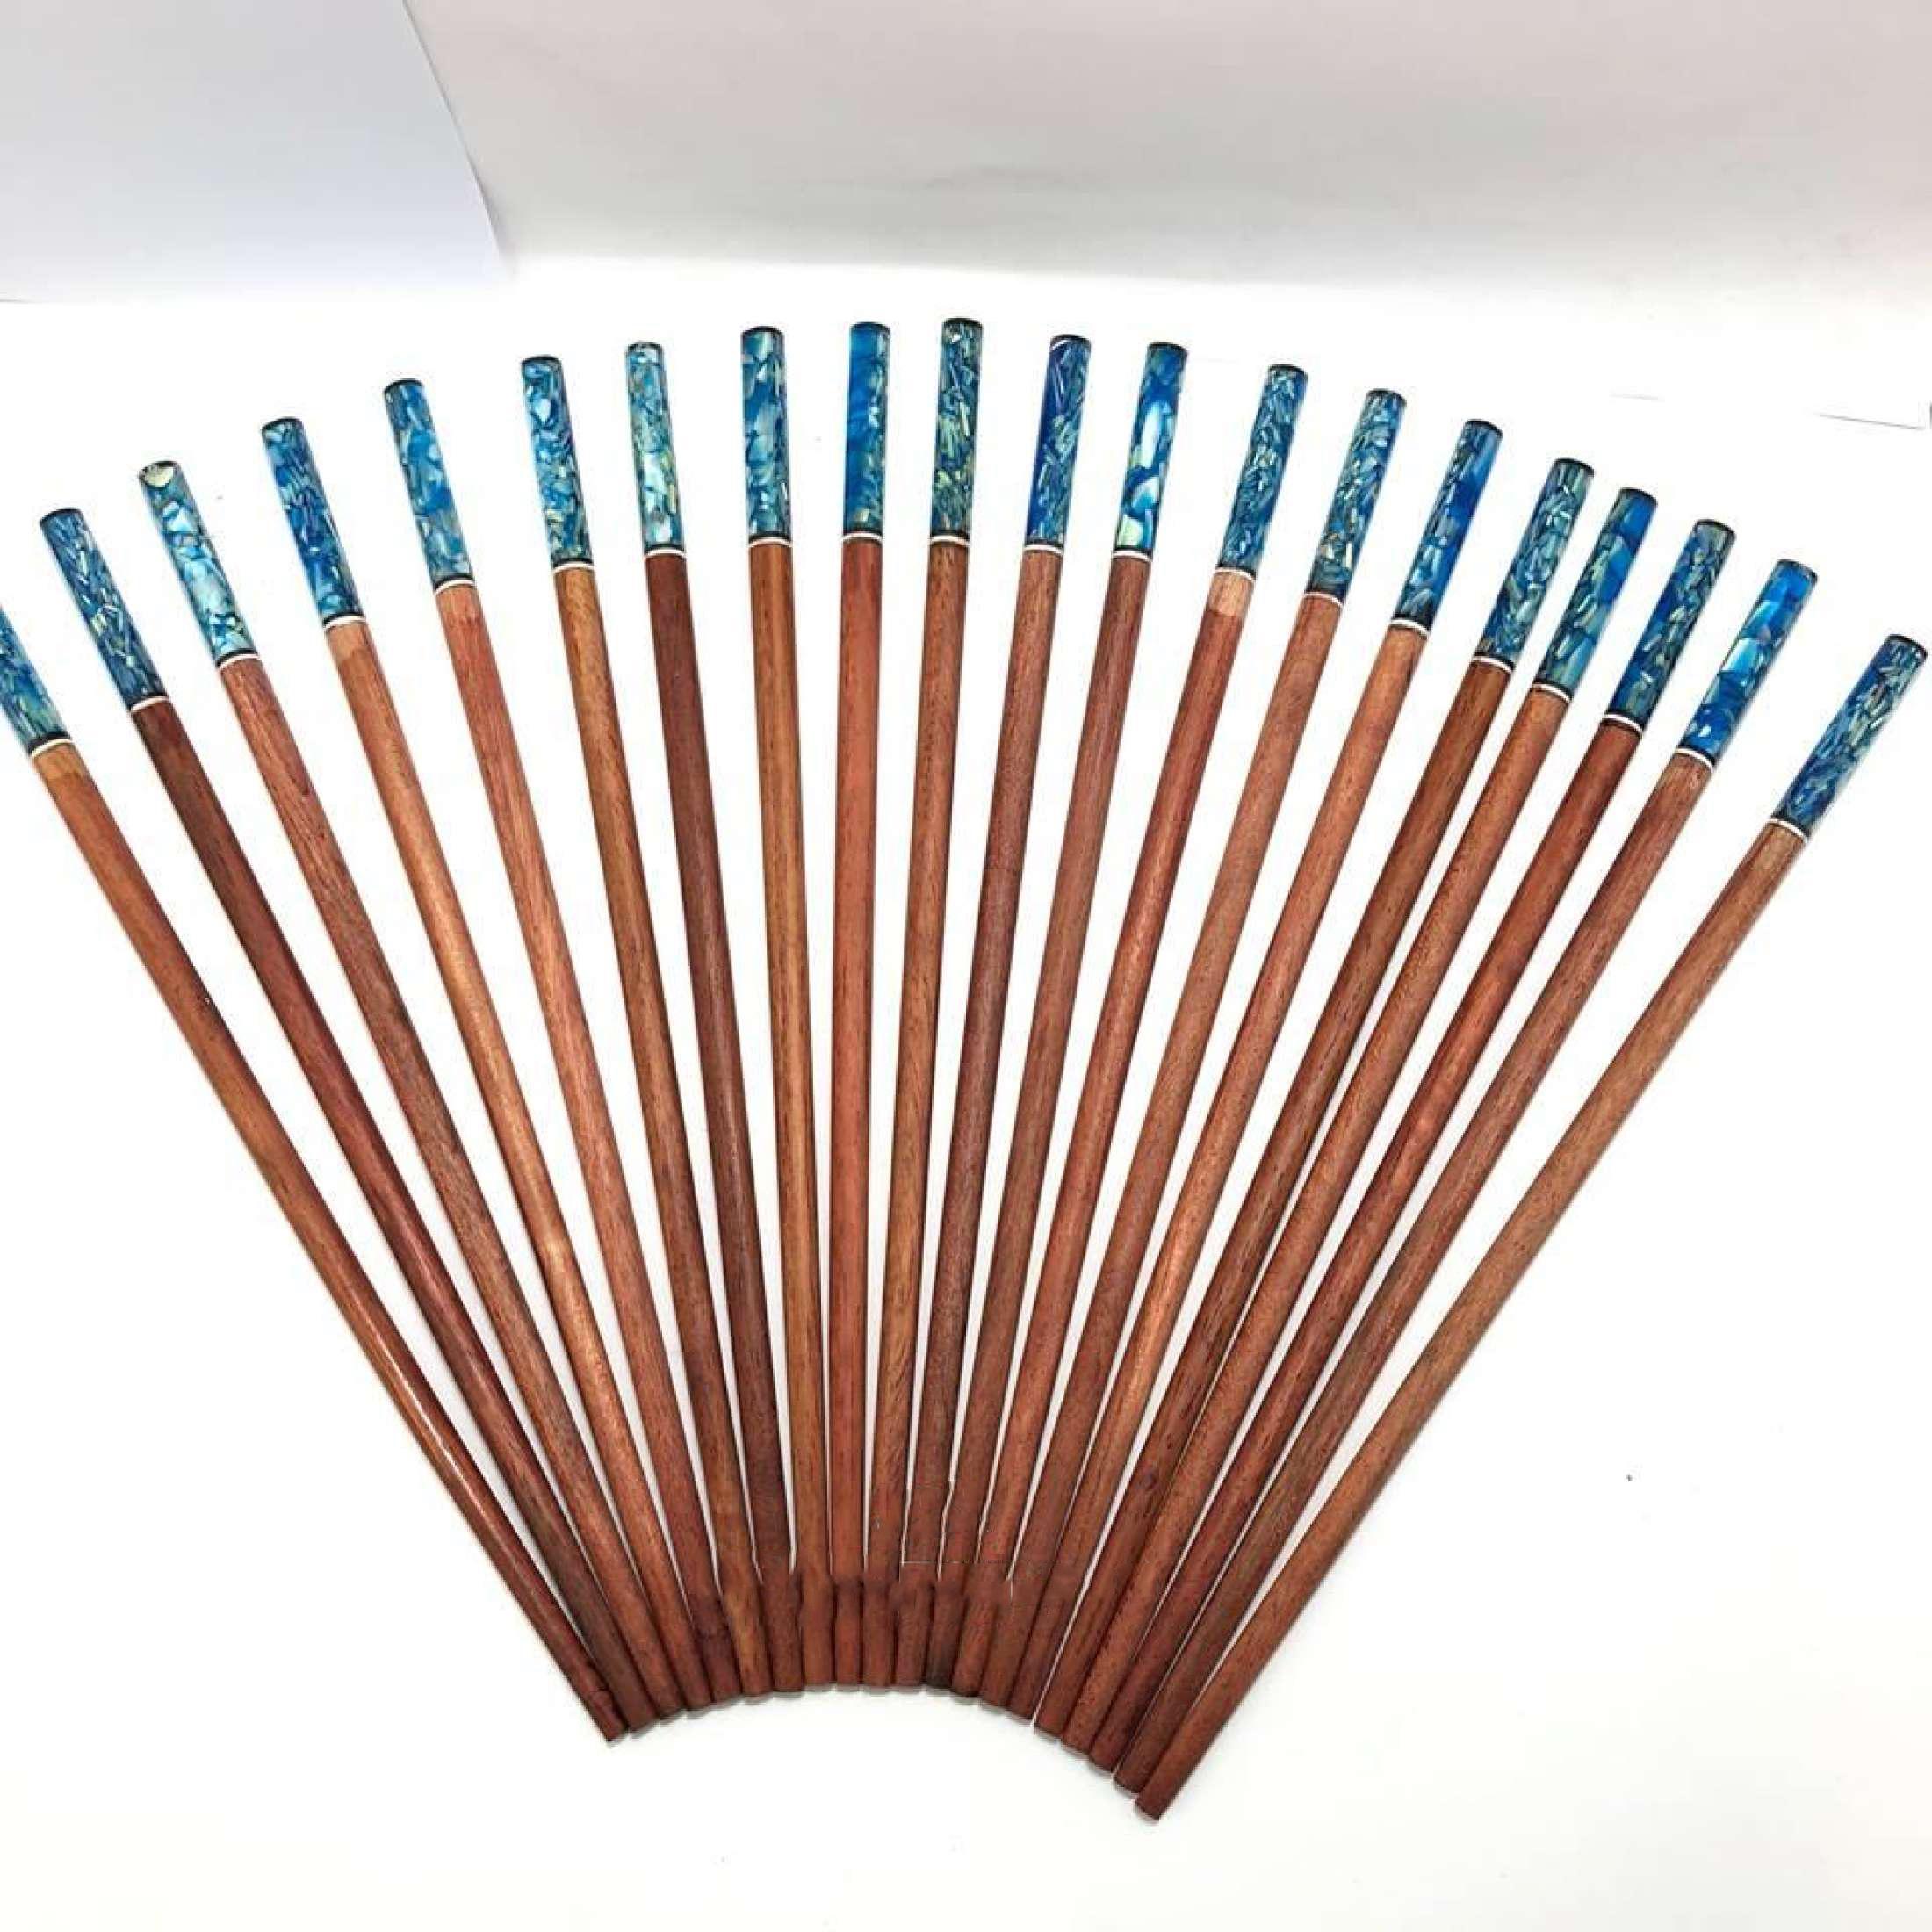 Đũa ăn gỗ Cẩm lai đầu tròn khảm ỐC biển Xanh 10 đôi